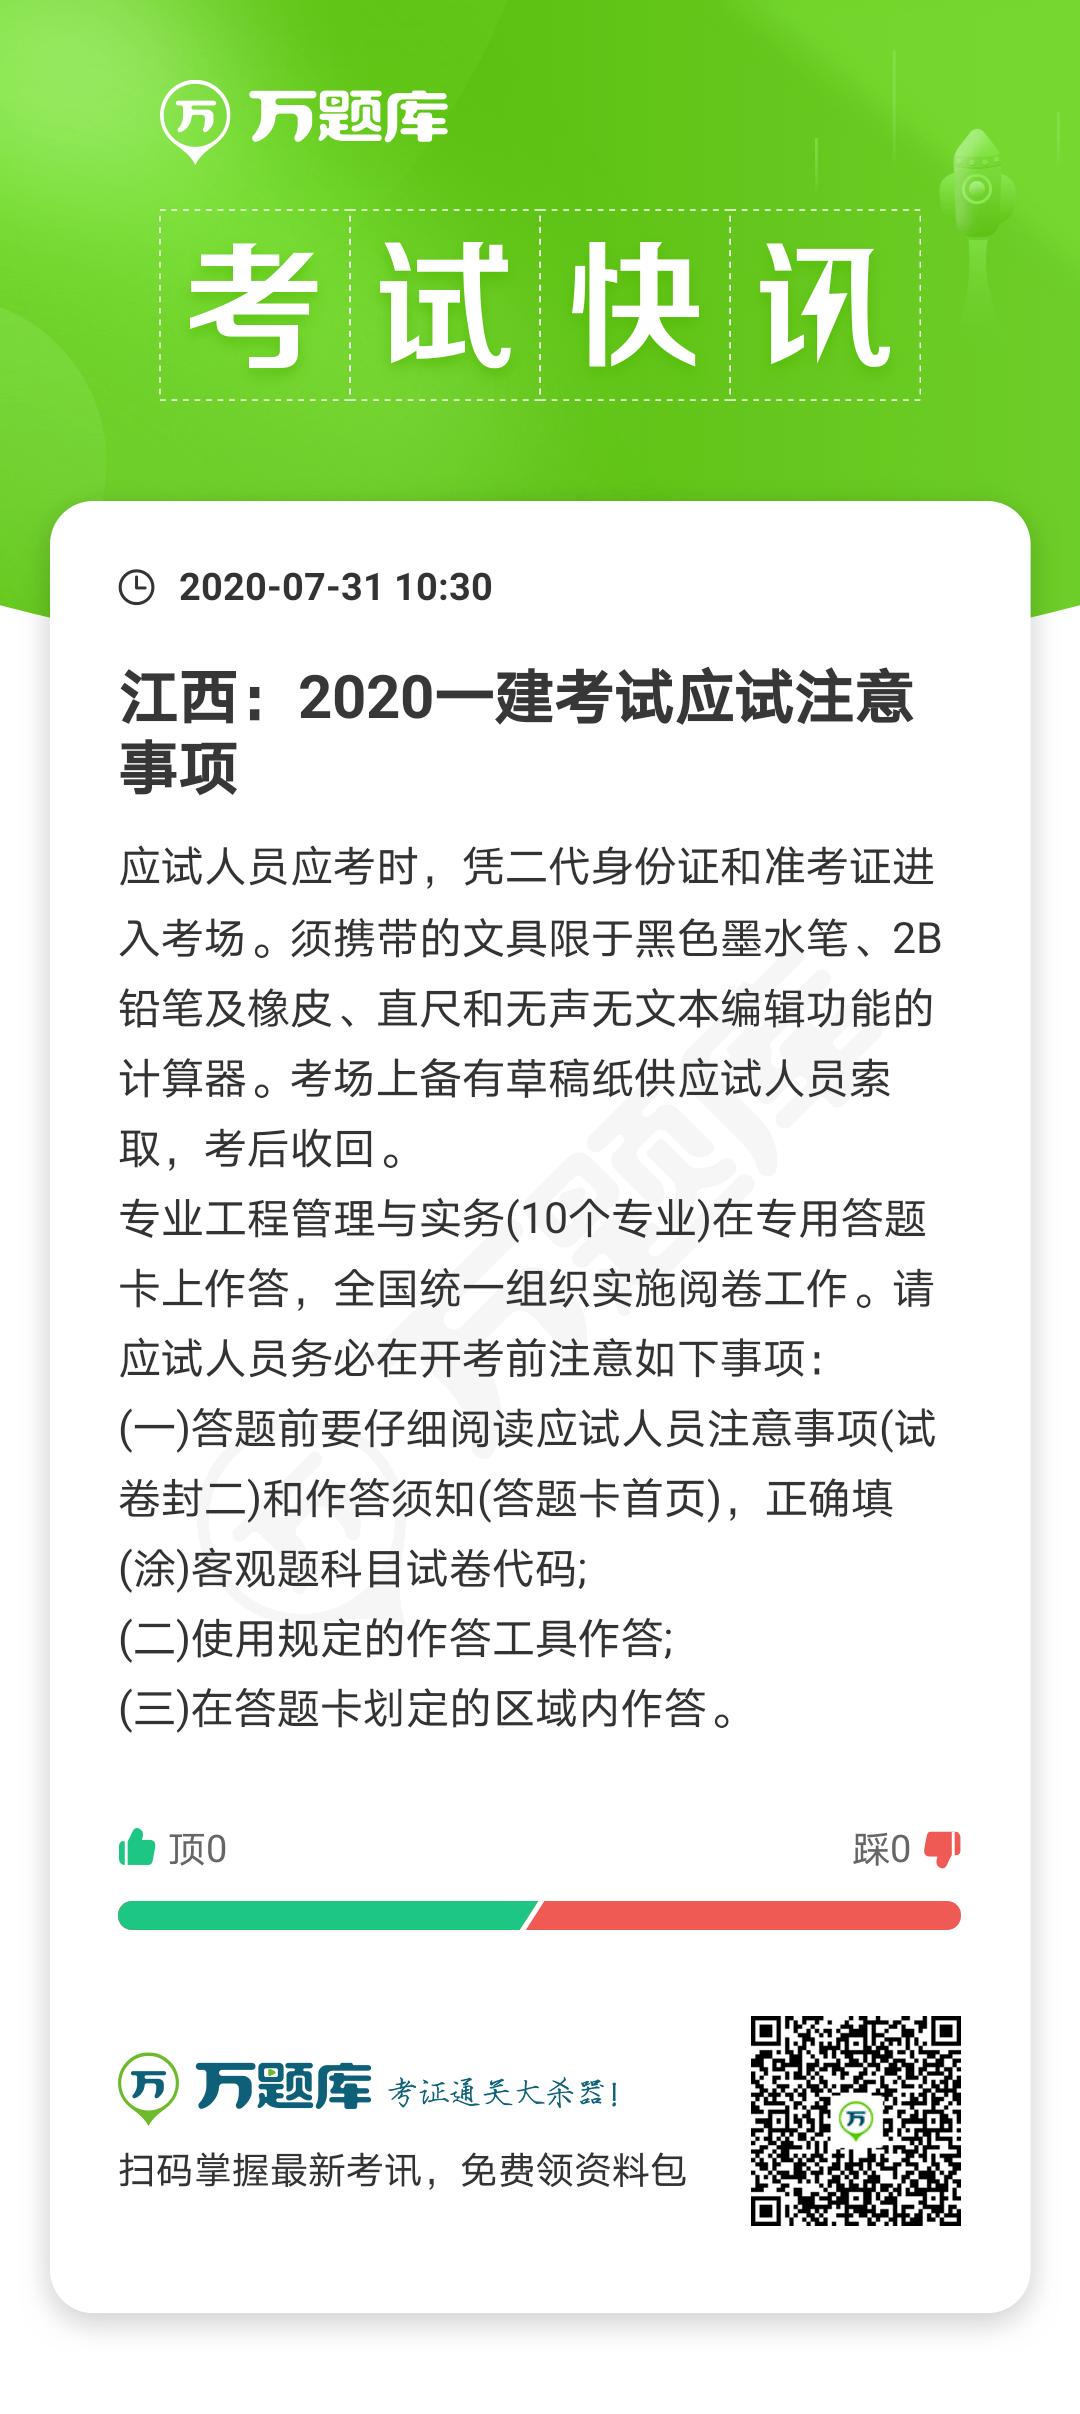 江西:2020年一级建造师考试考场注意事项